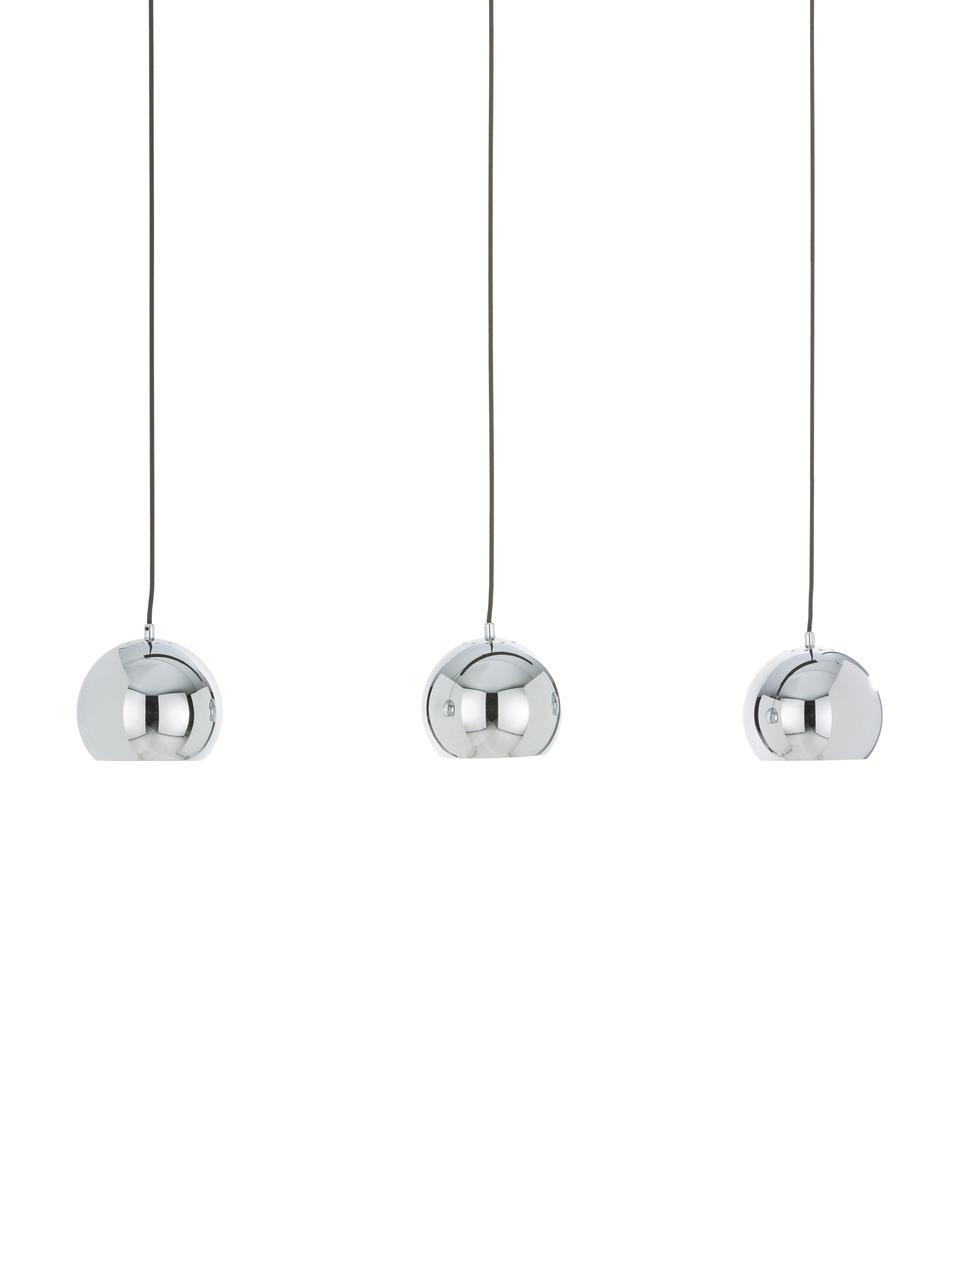 Große Kugel-Pendelleuchte Ball in Silber, Baldachin: Metall, lackiert, Chrom, hochglanz, Schwarz, matt, 100 x 18 cm